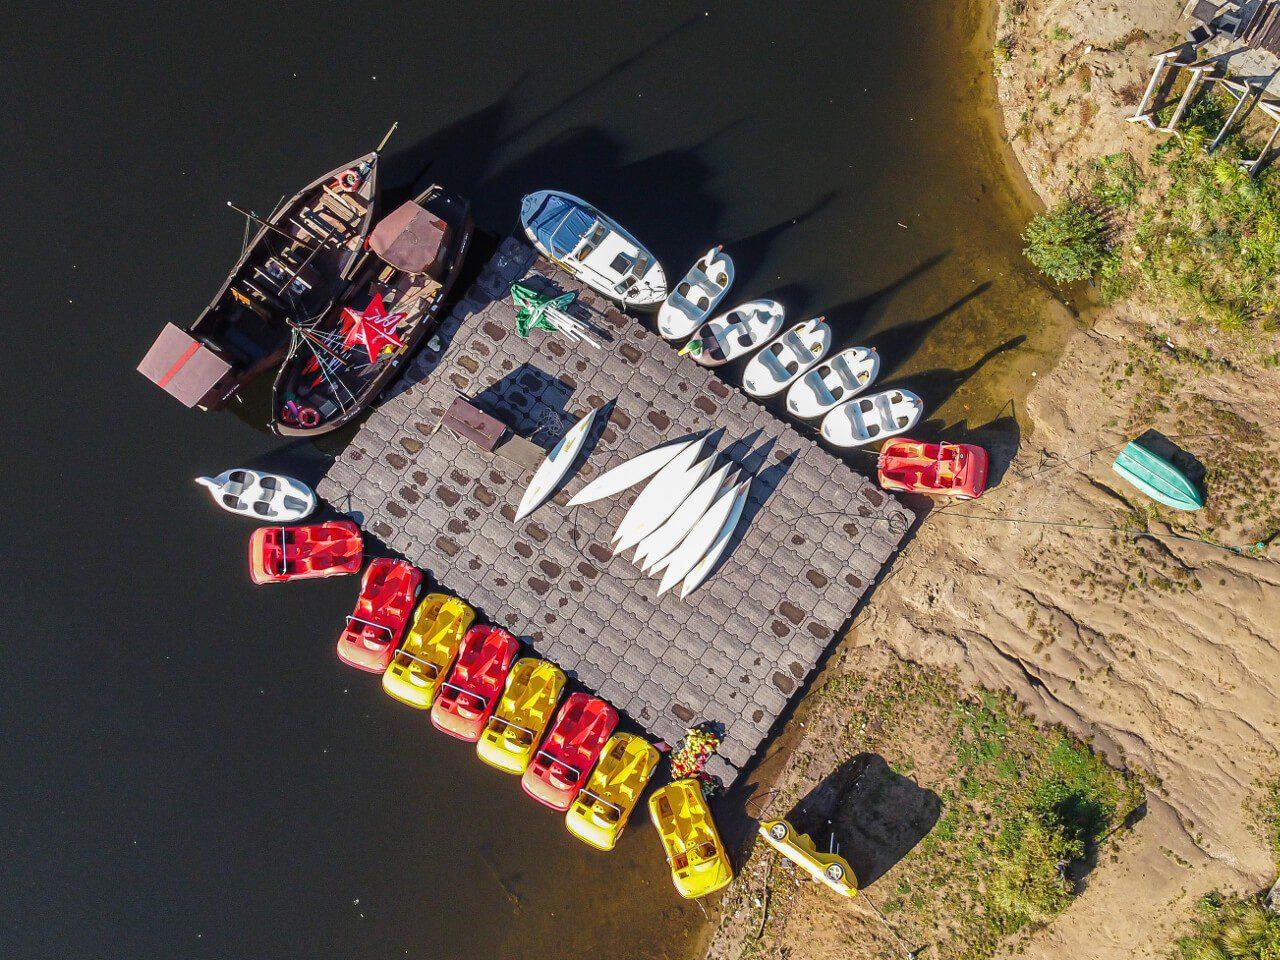 Kajaki jezioro bystrzyckie